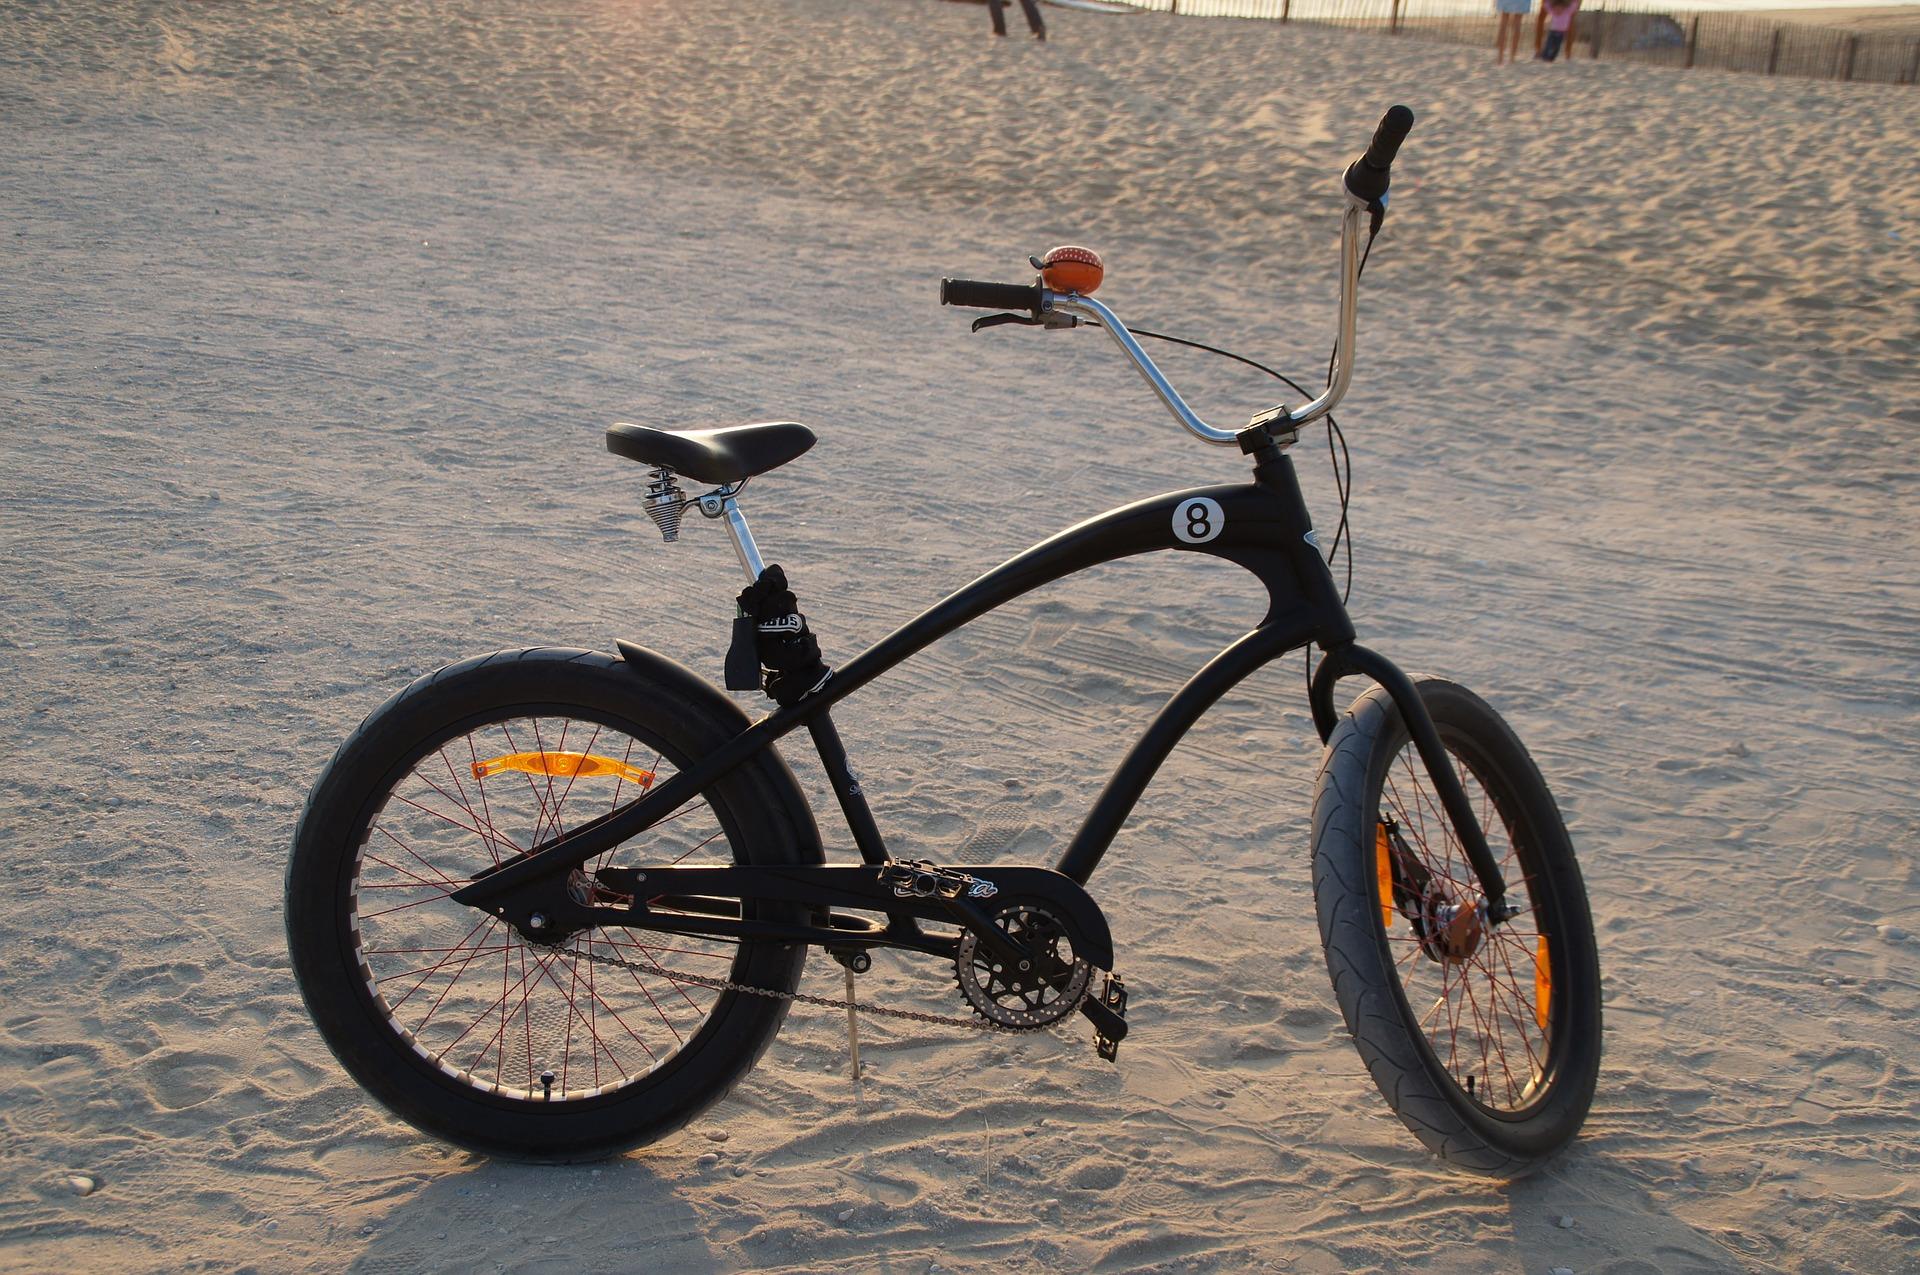 680 Bike